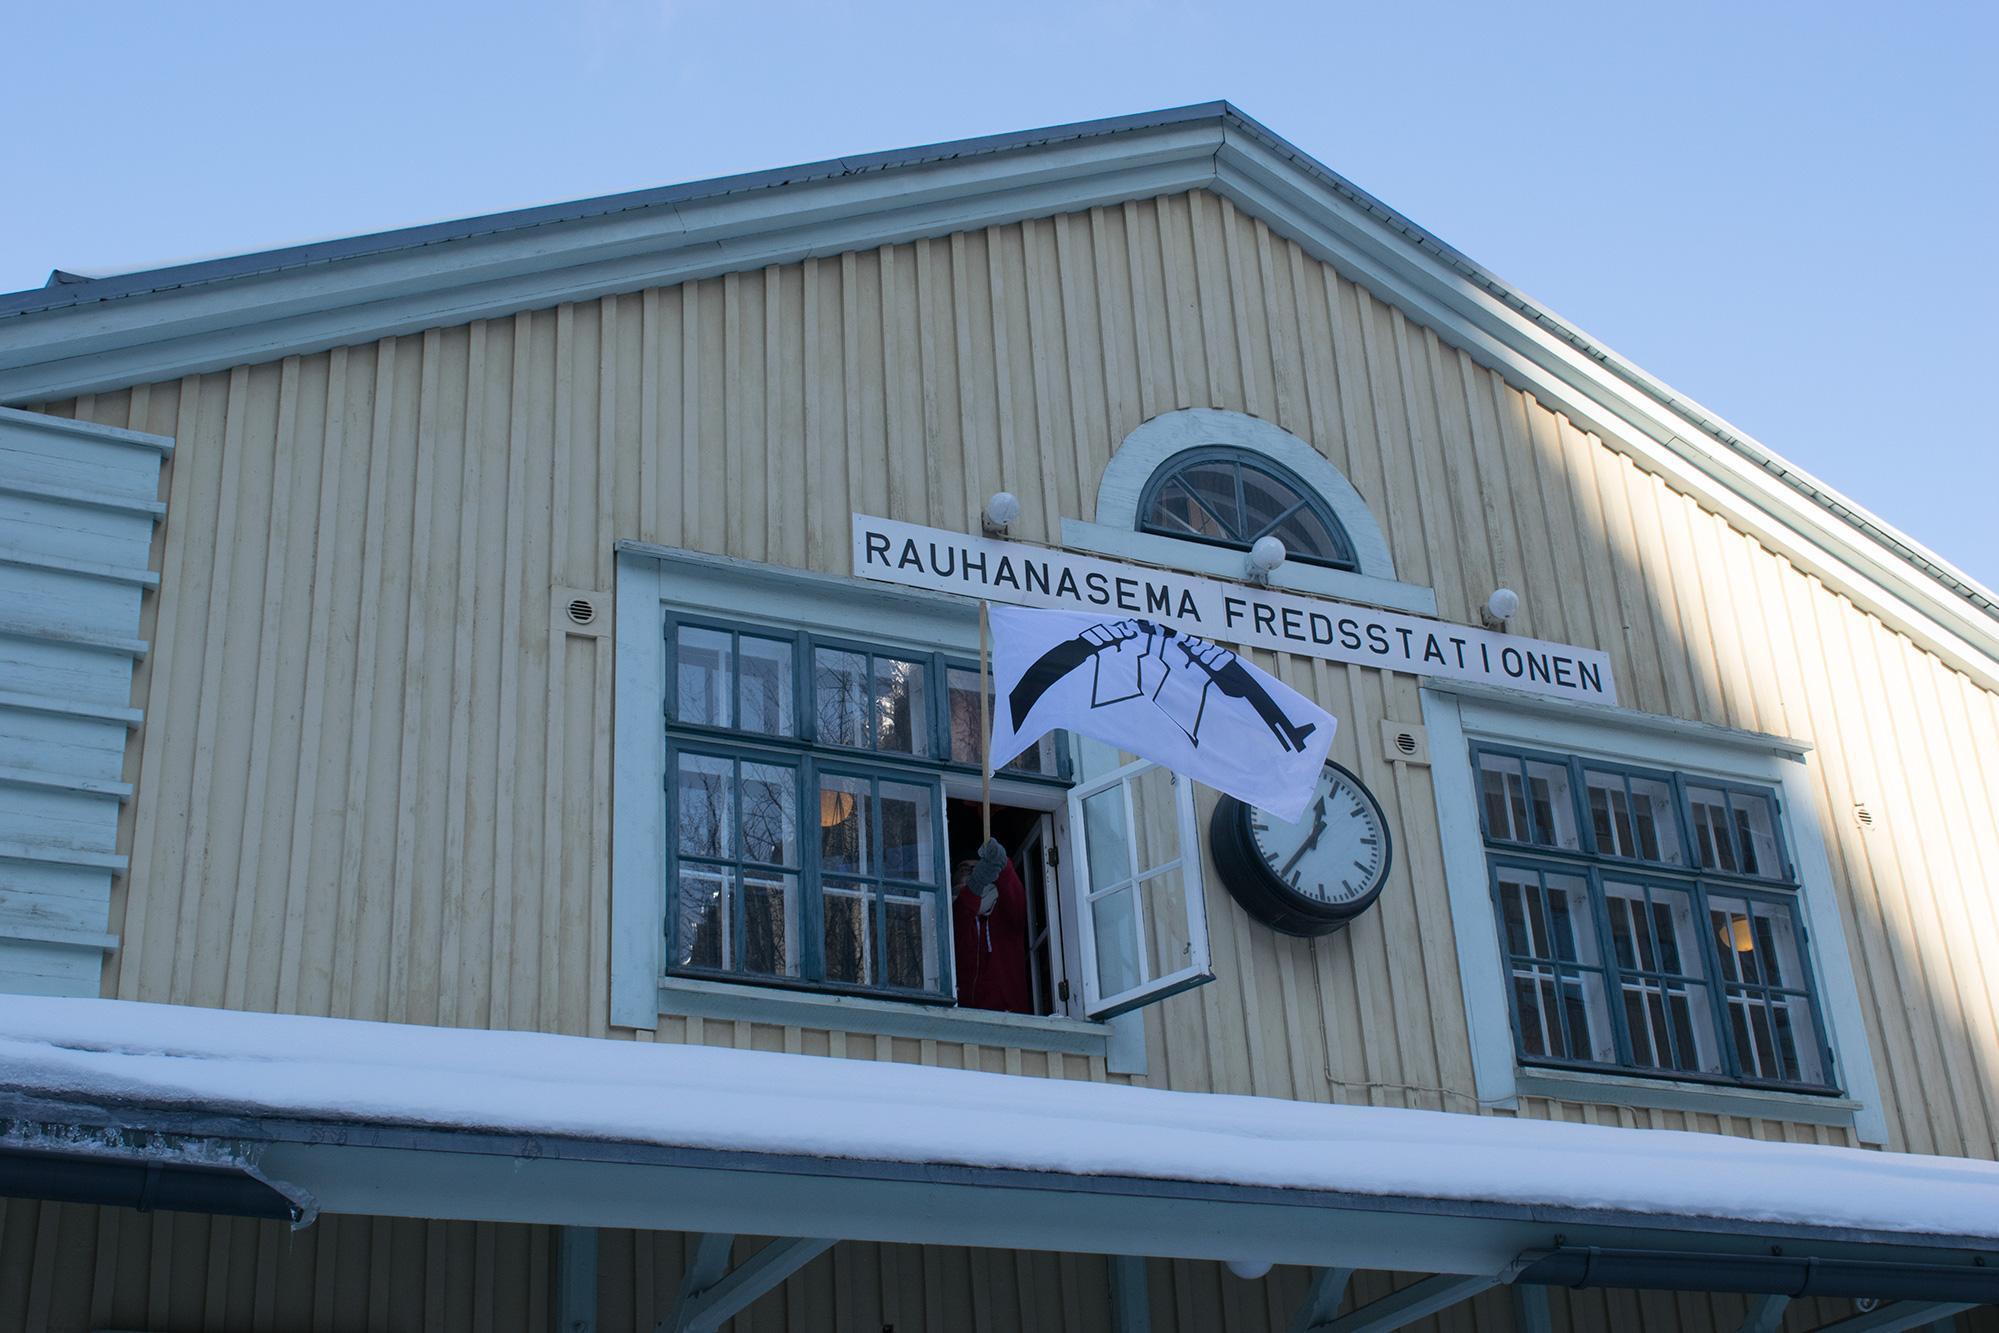 Ihminen heiluttaa AKL:n katkaistu kivääri -lippua symaattisen näköisen puurakennuksen ikkunasta. Rakennuksen seinässä on teksti: Rauhanasema - Fredsstationen.